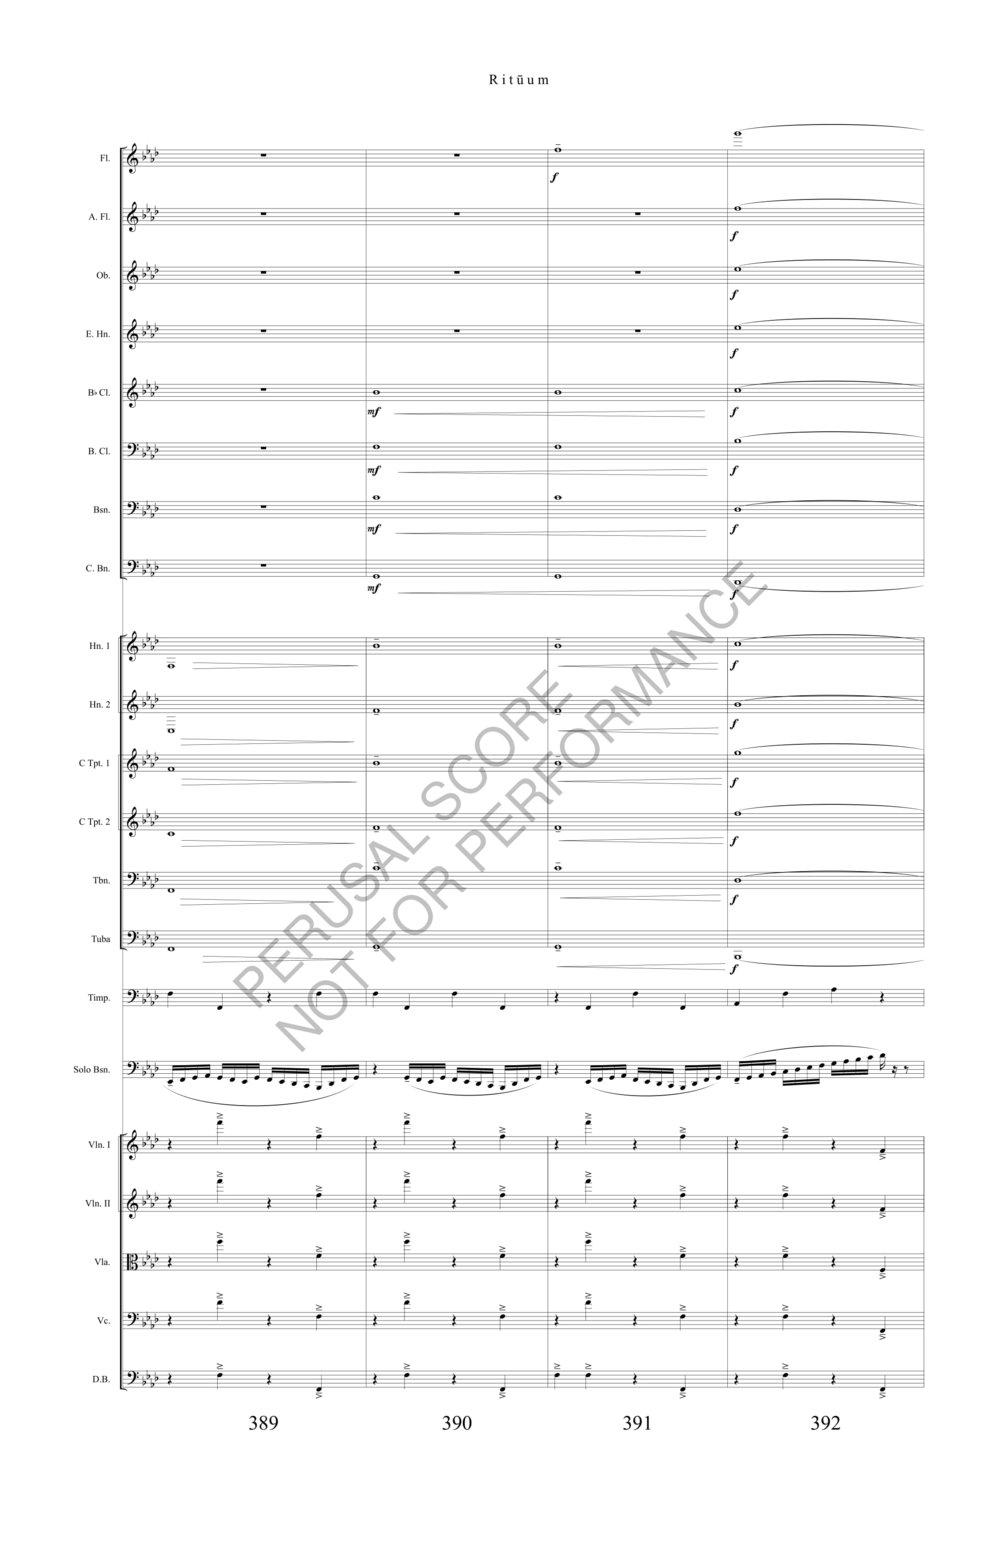 Boyd Rituum Score-watermark (1)-87.jpg